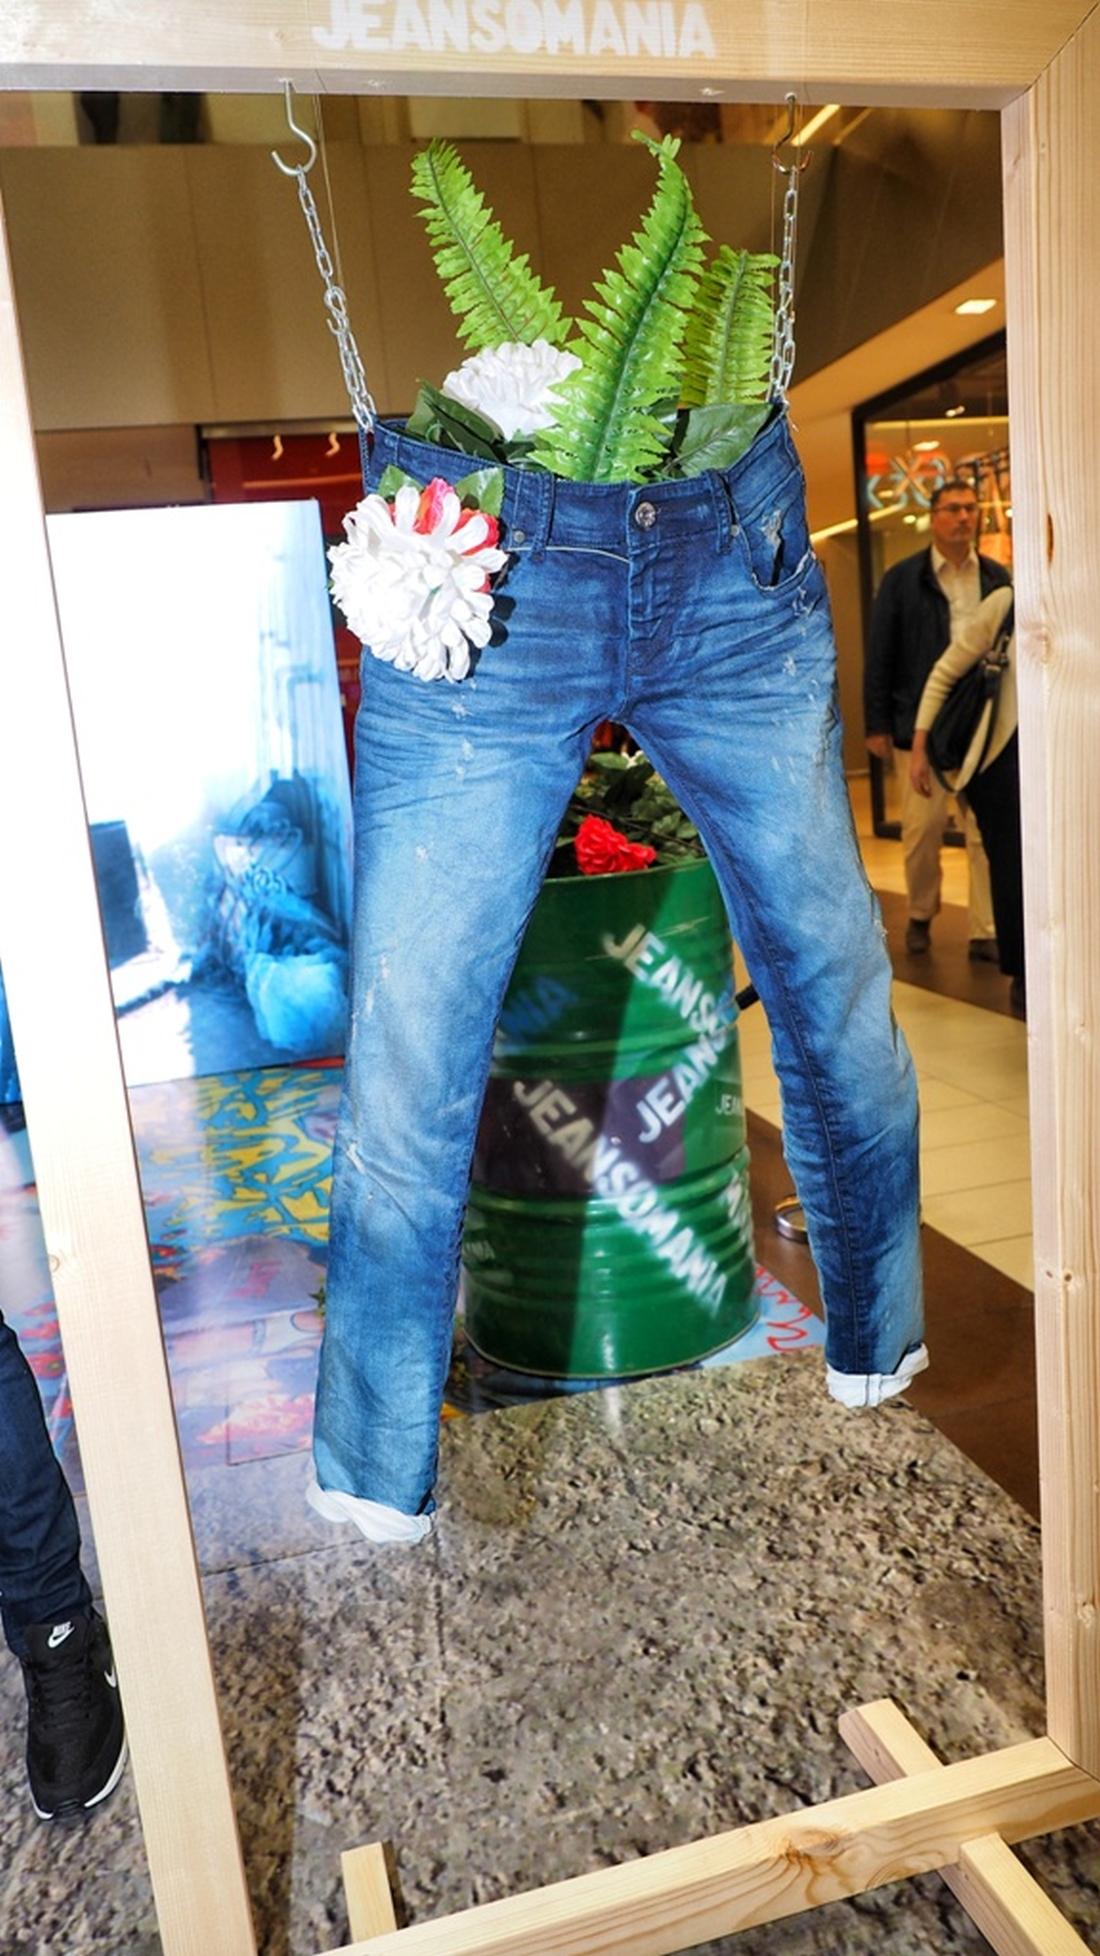 jeansomania_poz5